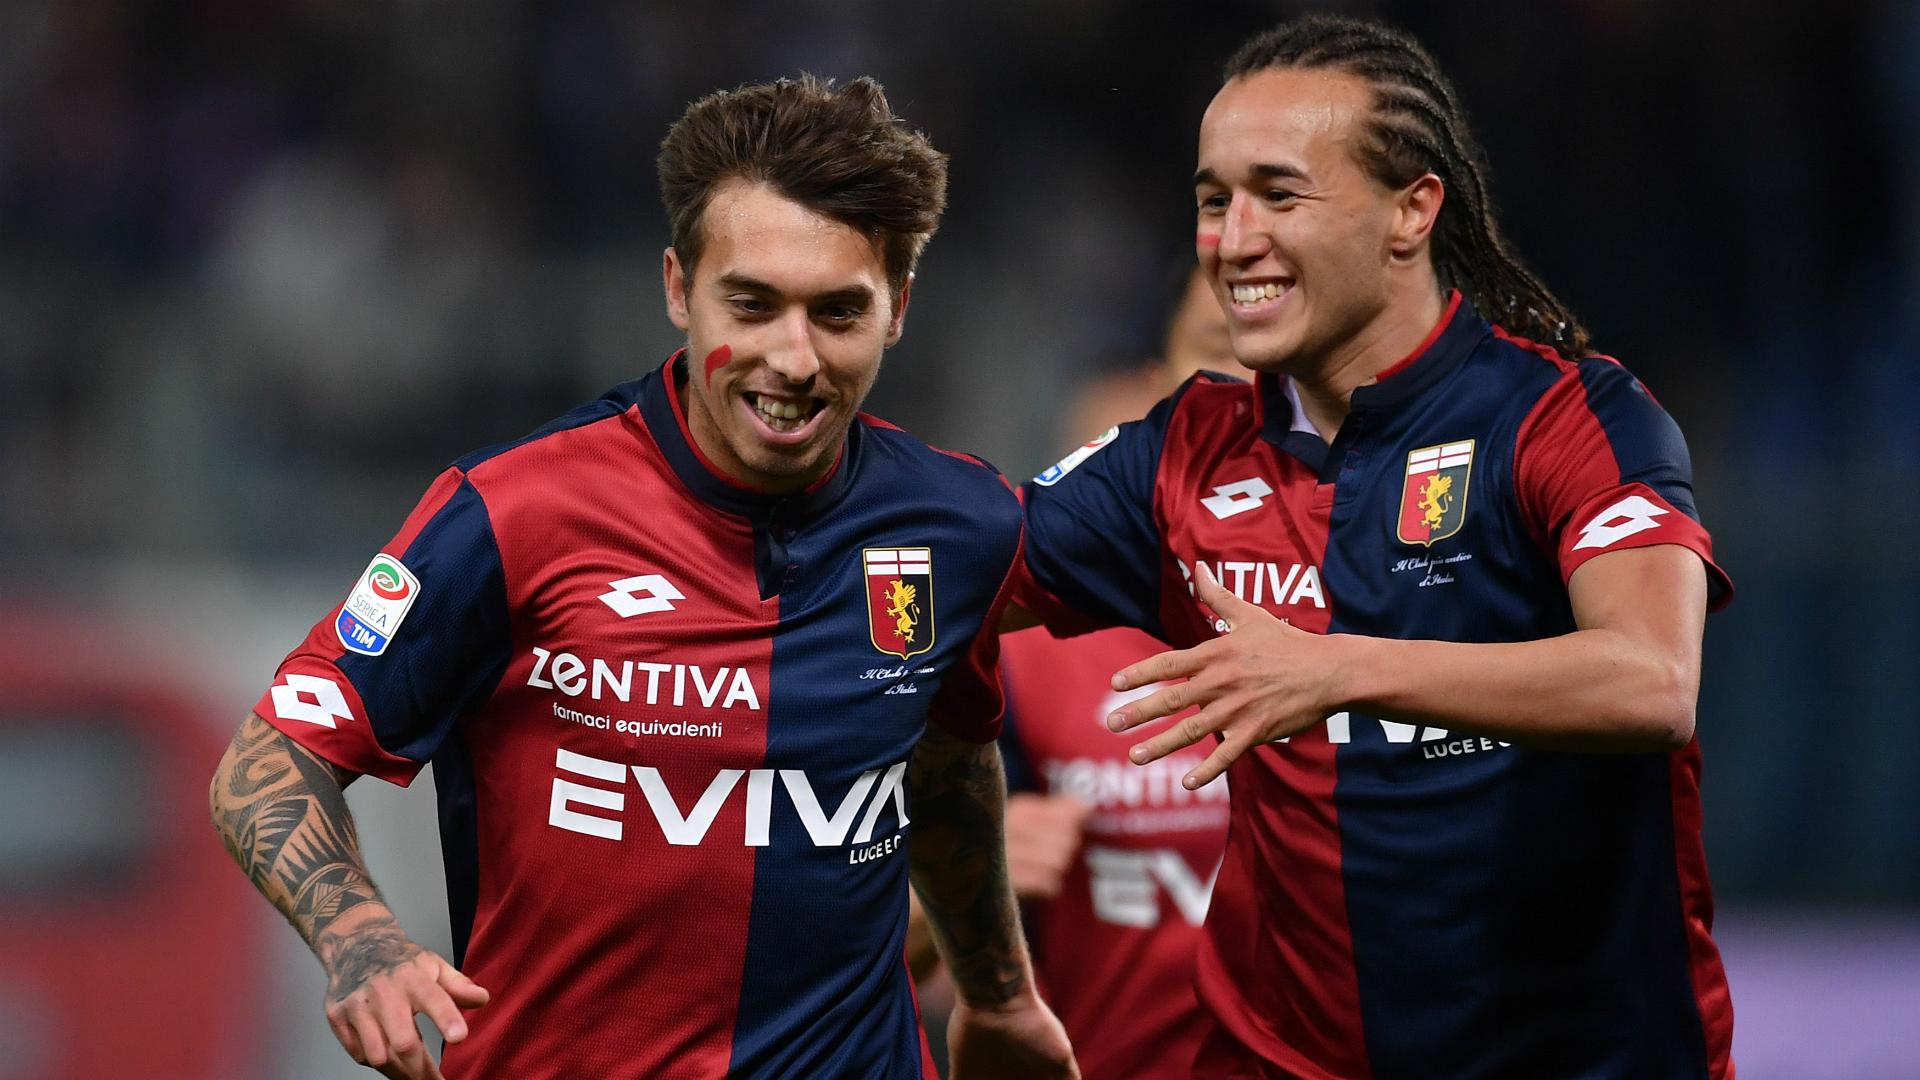 Calciomercato: Lazio-Felipe Anderson verso l'addio, il West Ham insiste